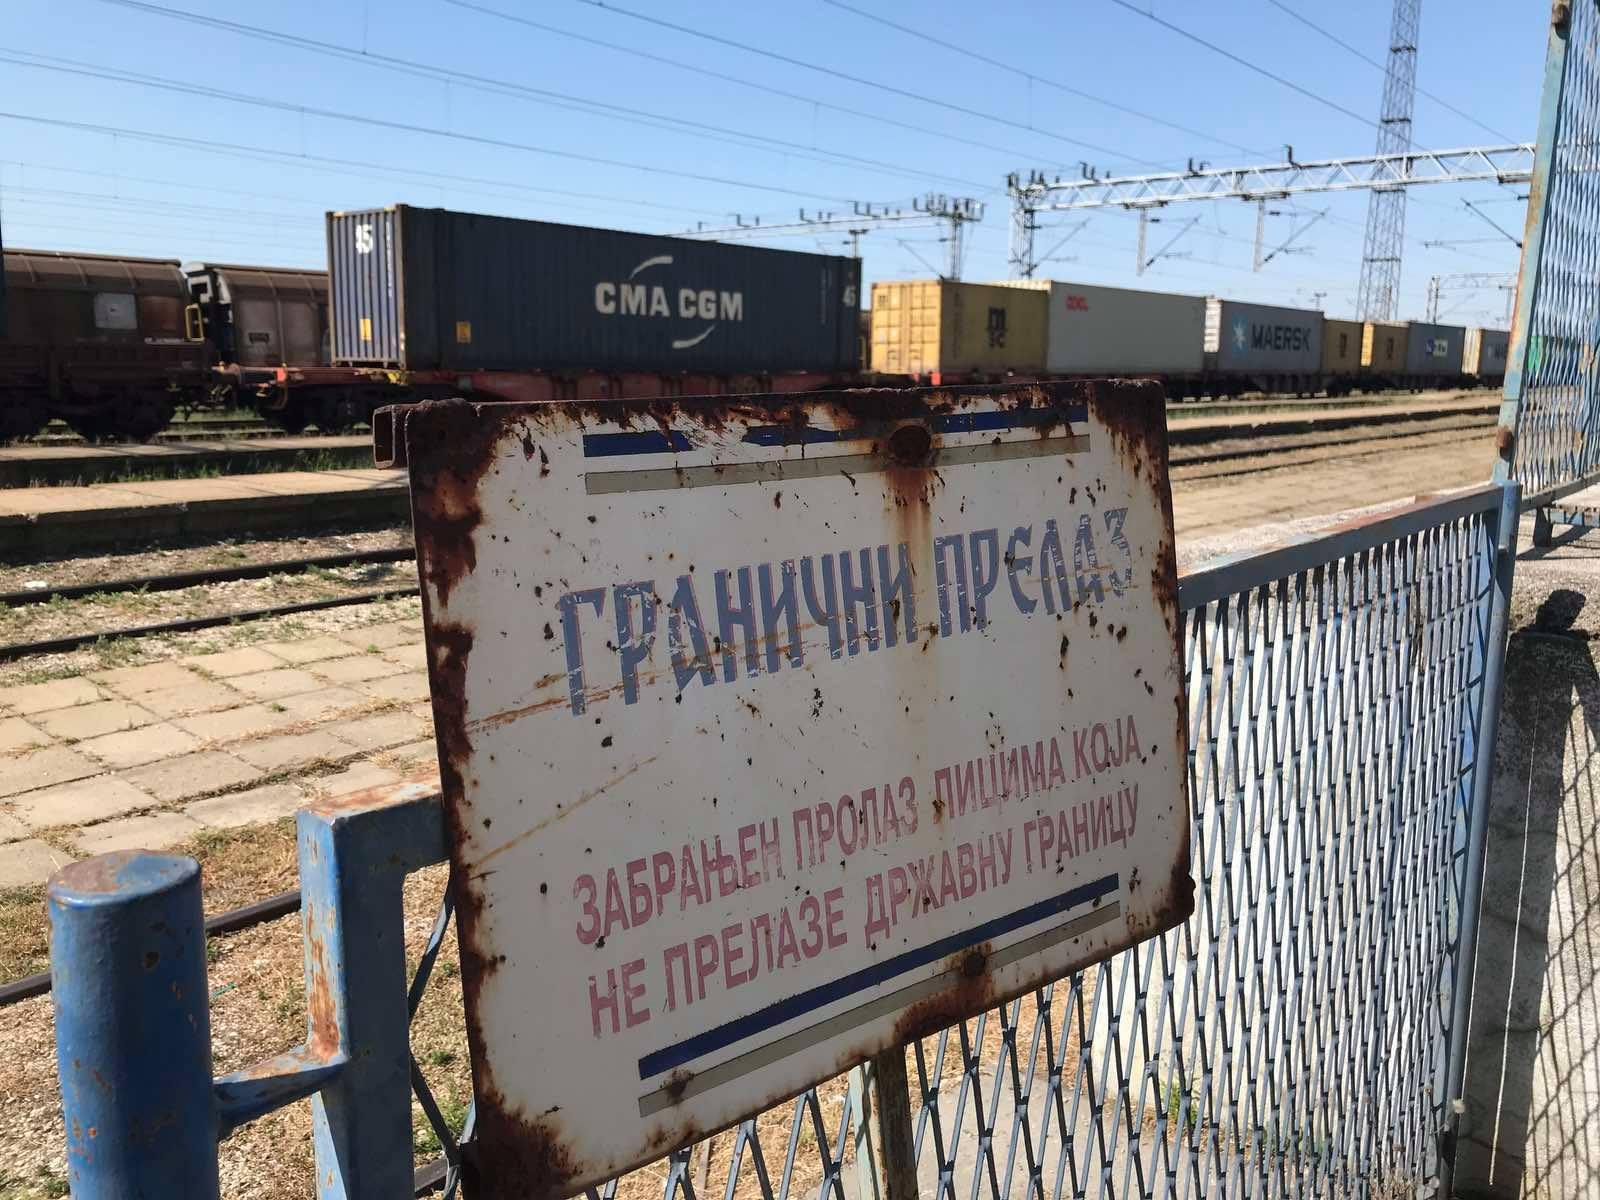 Saopštenje povodom akcije prinudnog premeštanja iregularizovanih migranata od strane žandarmerije u opštini Šid